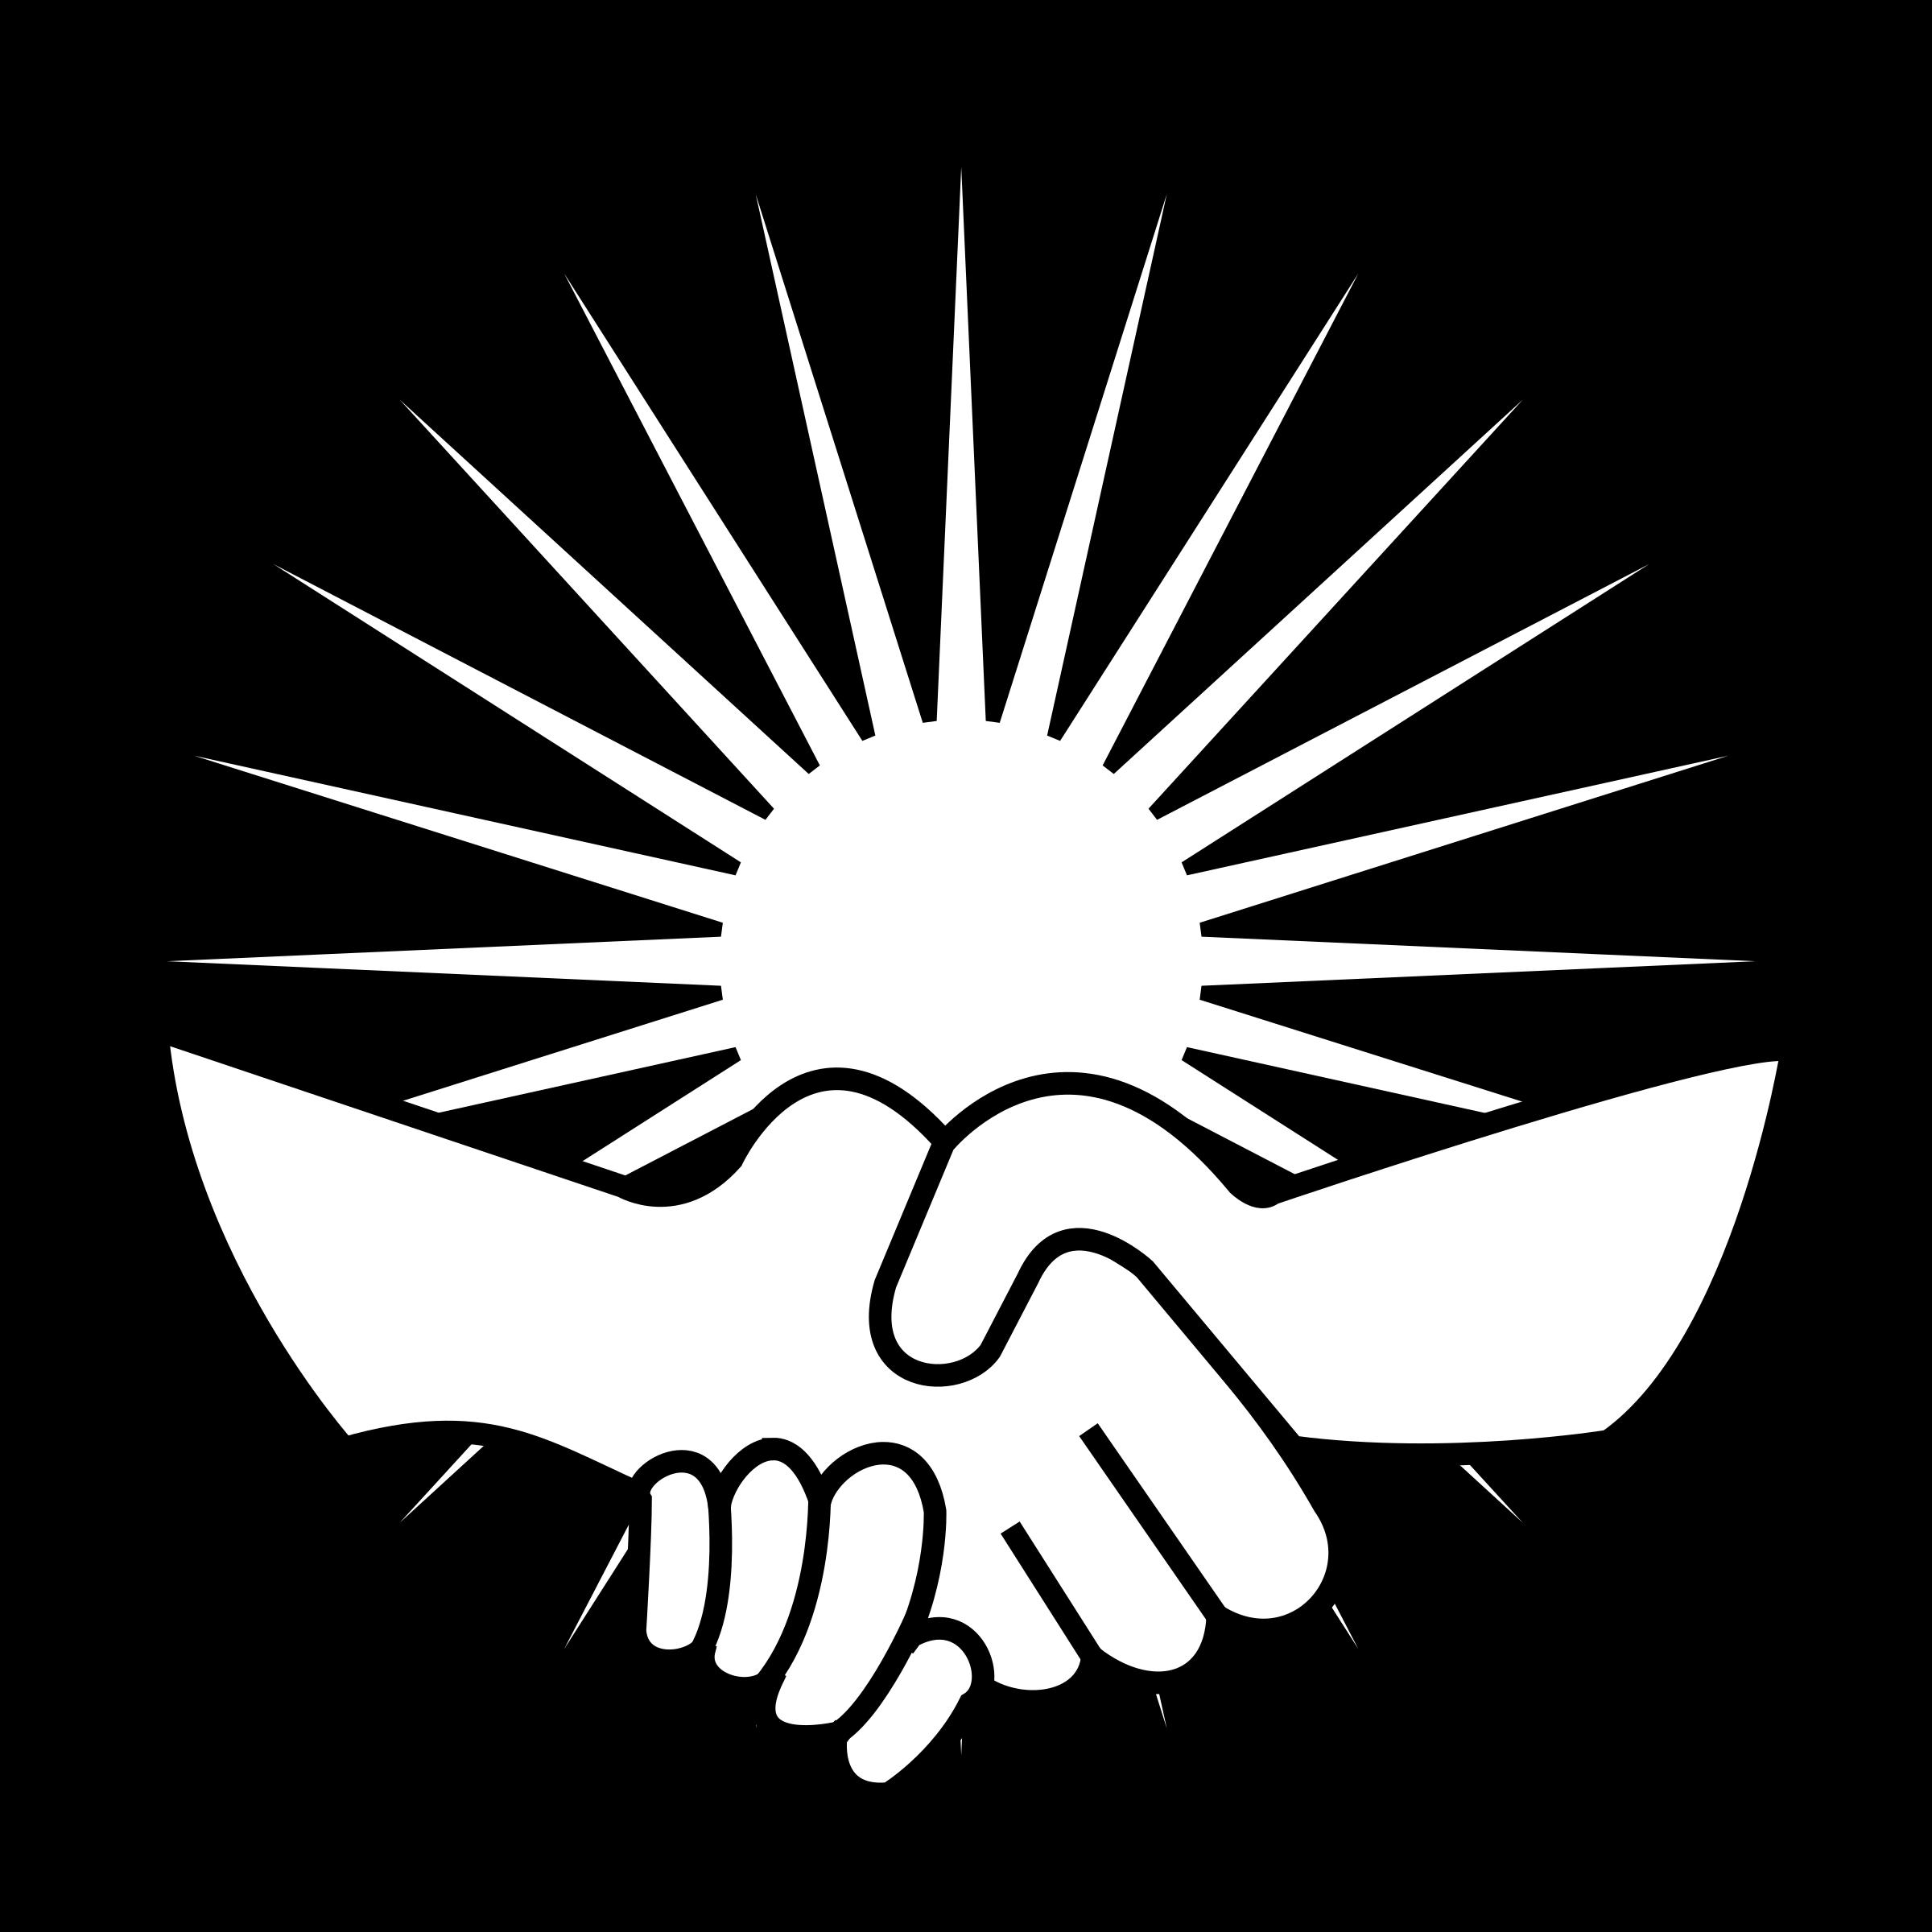 Clipart handshake 2